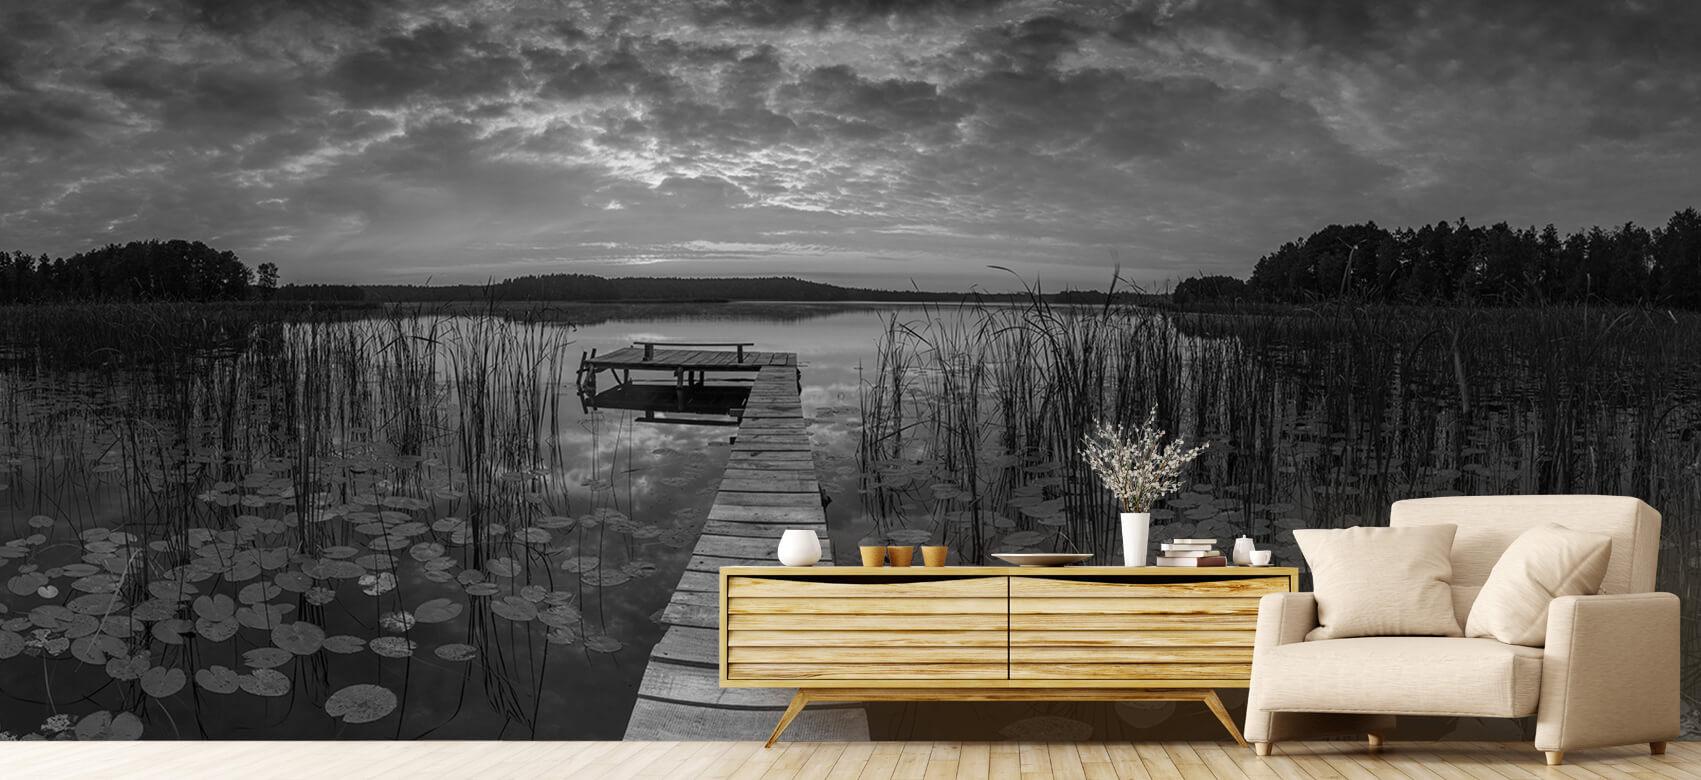 Houten Steigers - Zonsopgang aan het meer - Woonkamer 8